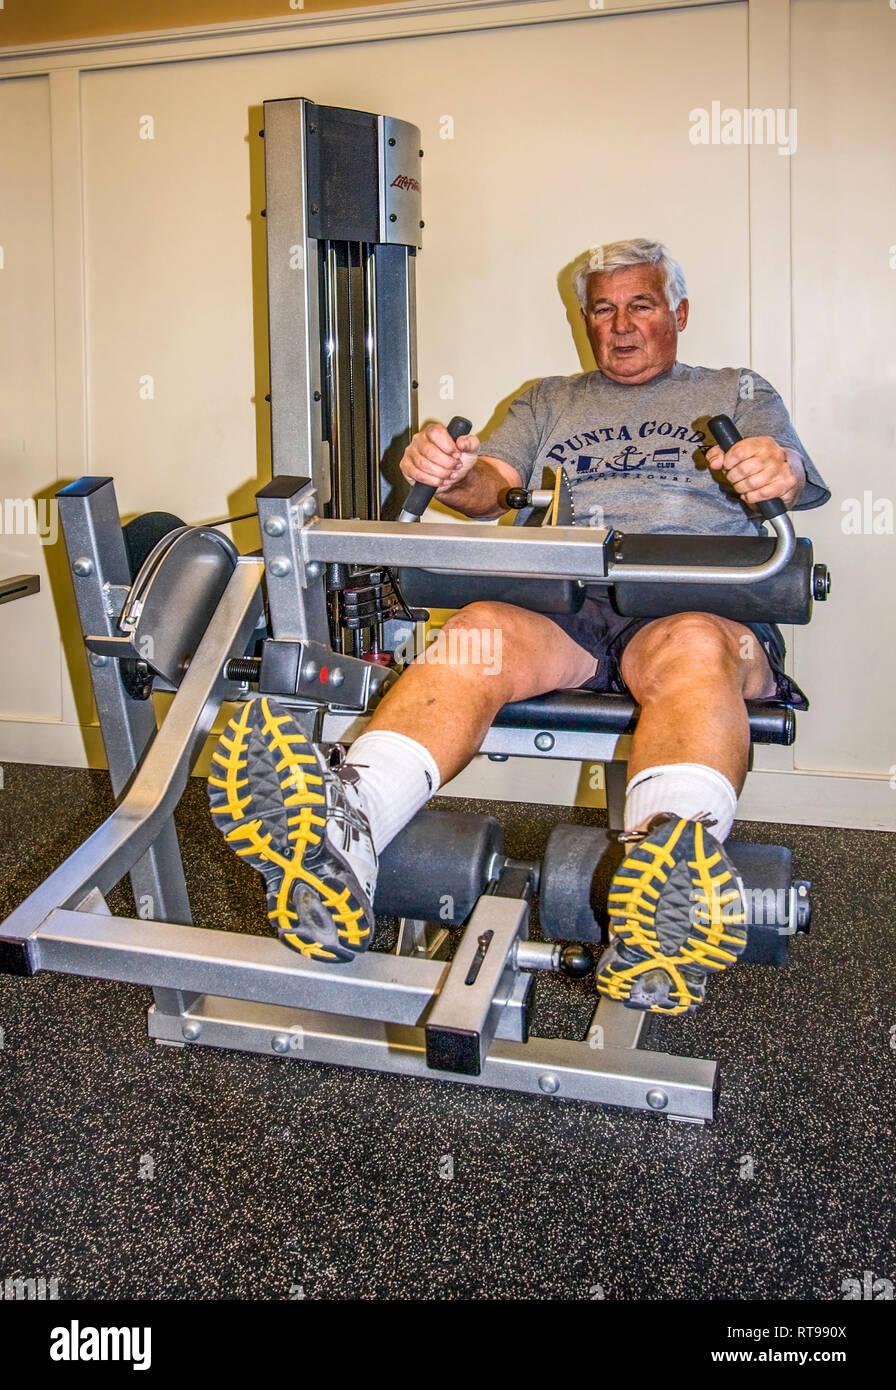 Ältere Menschen ausüben; Fitness; Gesundheit; gesund; Klimaanlage; Bemühung, Stärkung, körperliche Aktivität, Arbeit, vertikal; HERR Stockbild